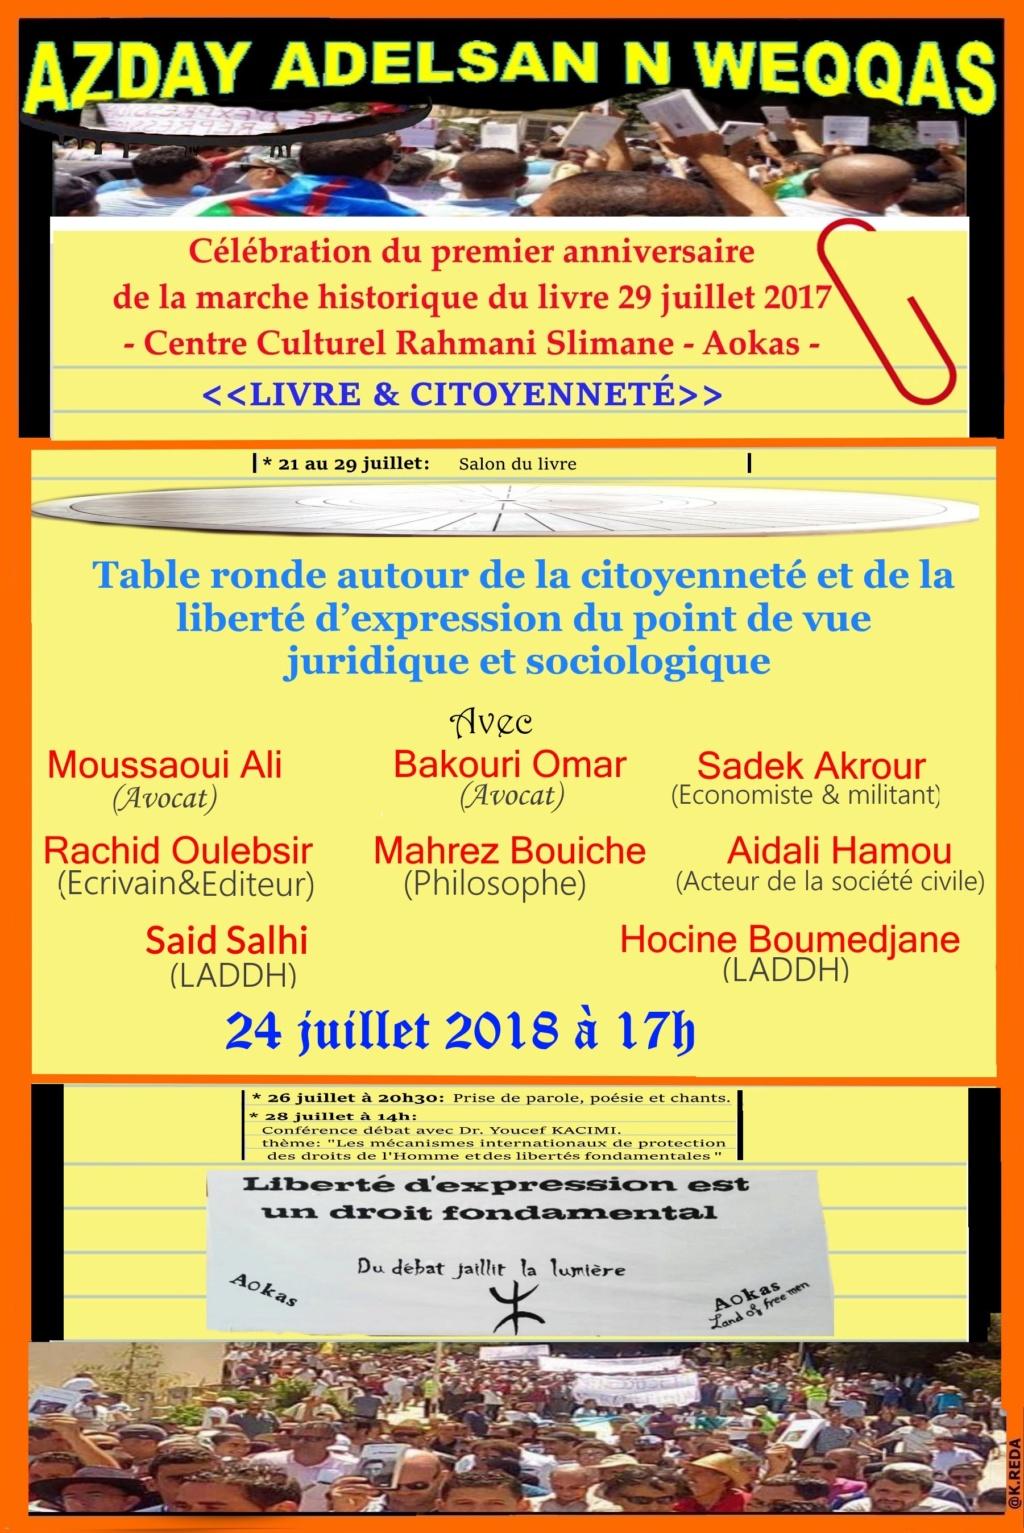 Mardi 24/07/2018 à 17h. Table ronde autour de la citoyenneté et de la liberté d'expression du point de vue juridique et sociologique. Mardi_10